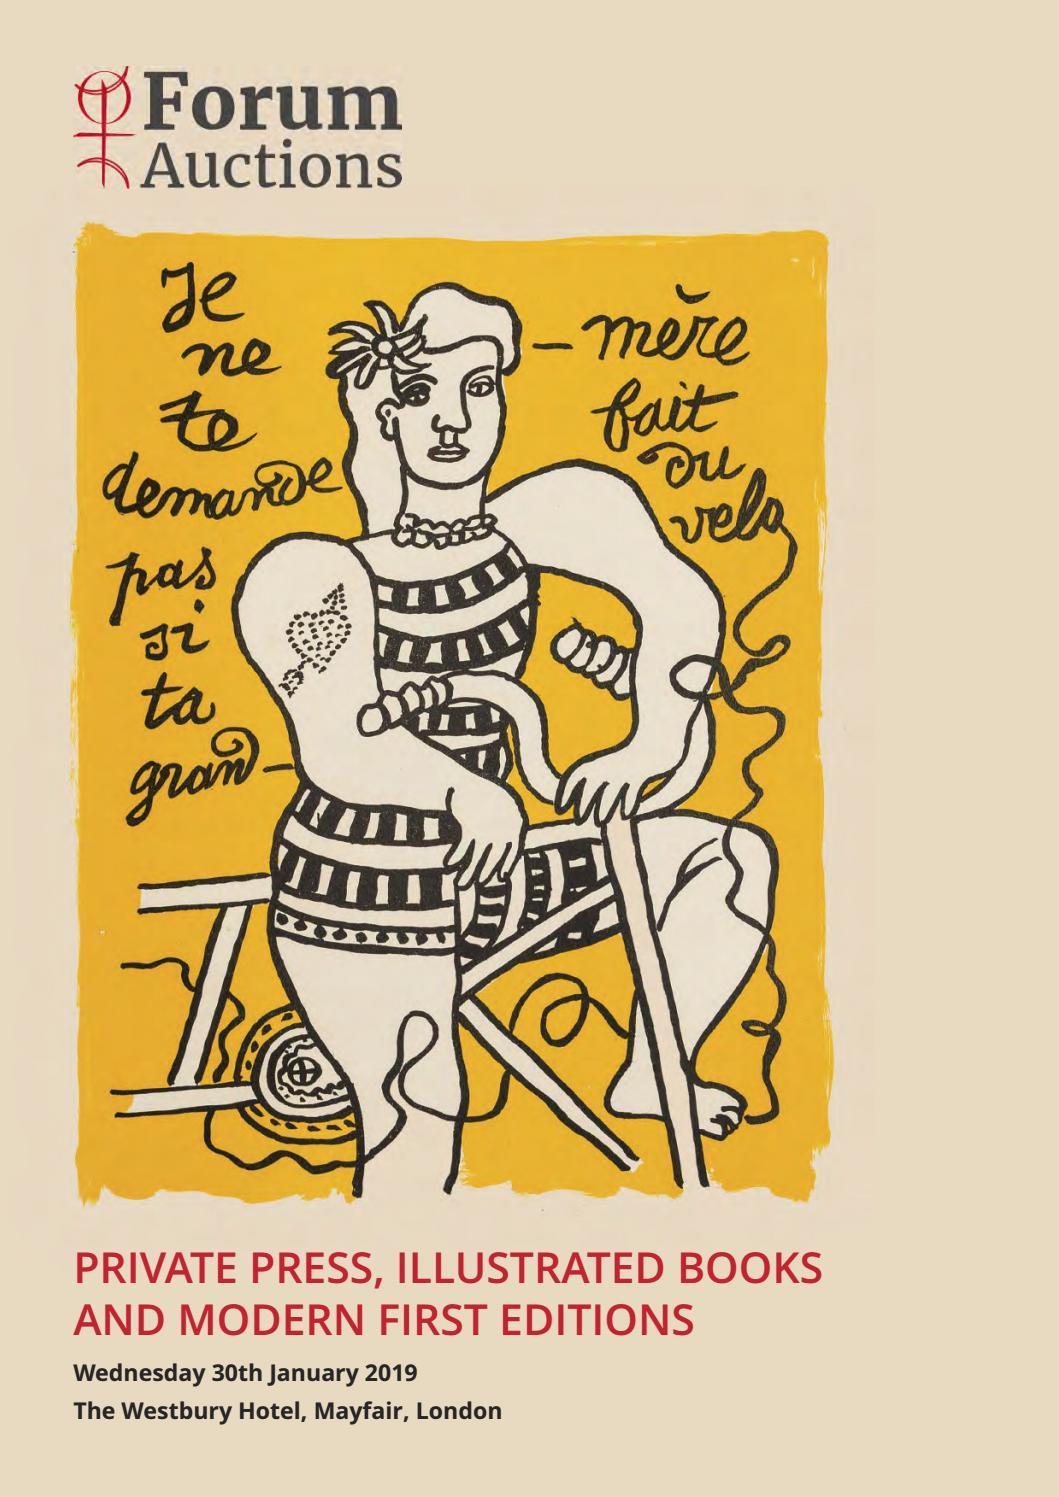 Anais Reboux Nude forum auctionsjamm design ltd - issuu